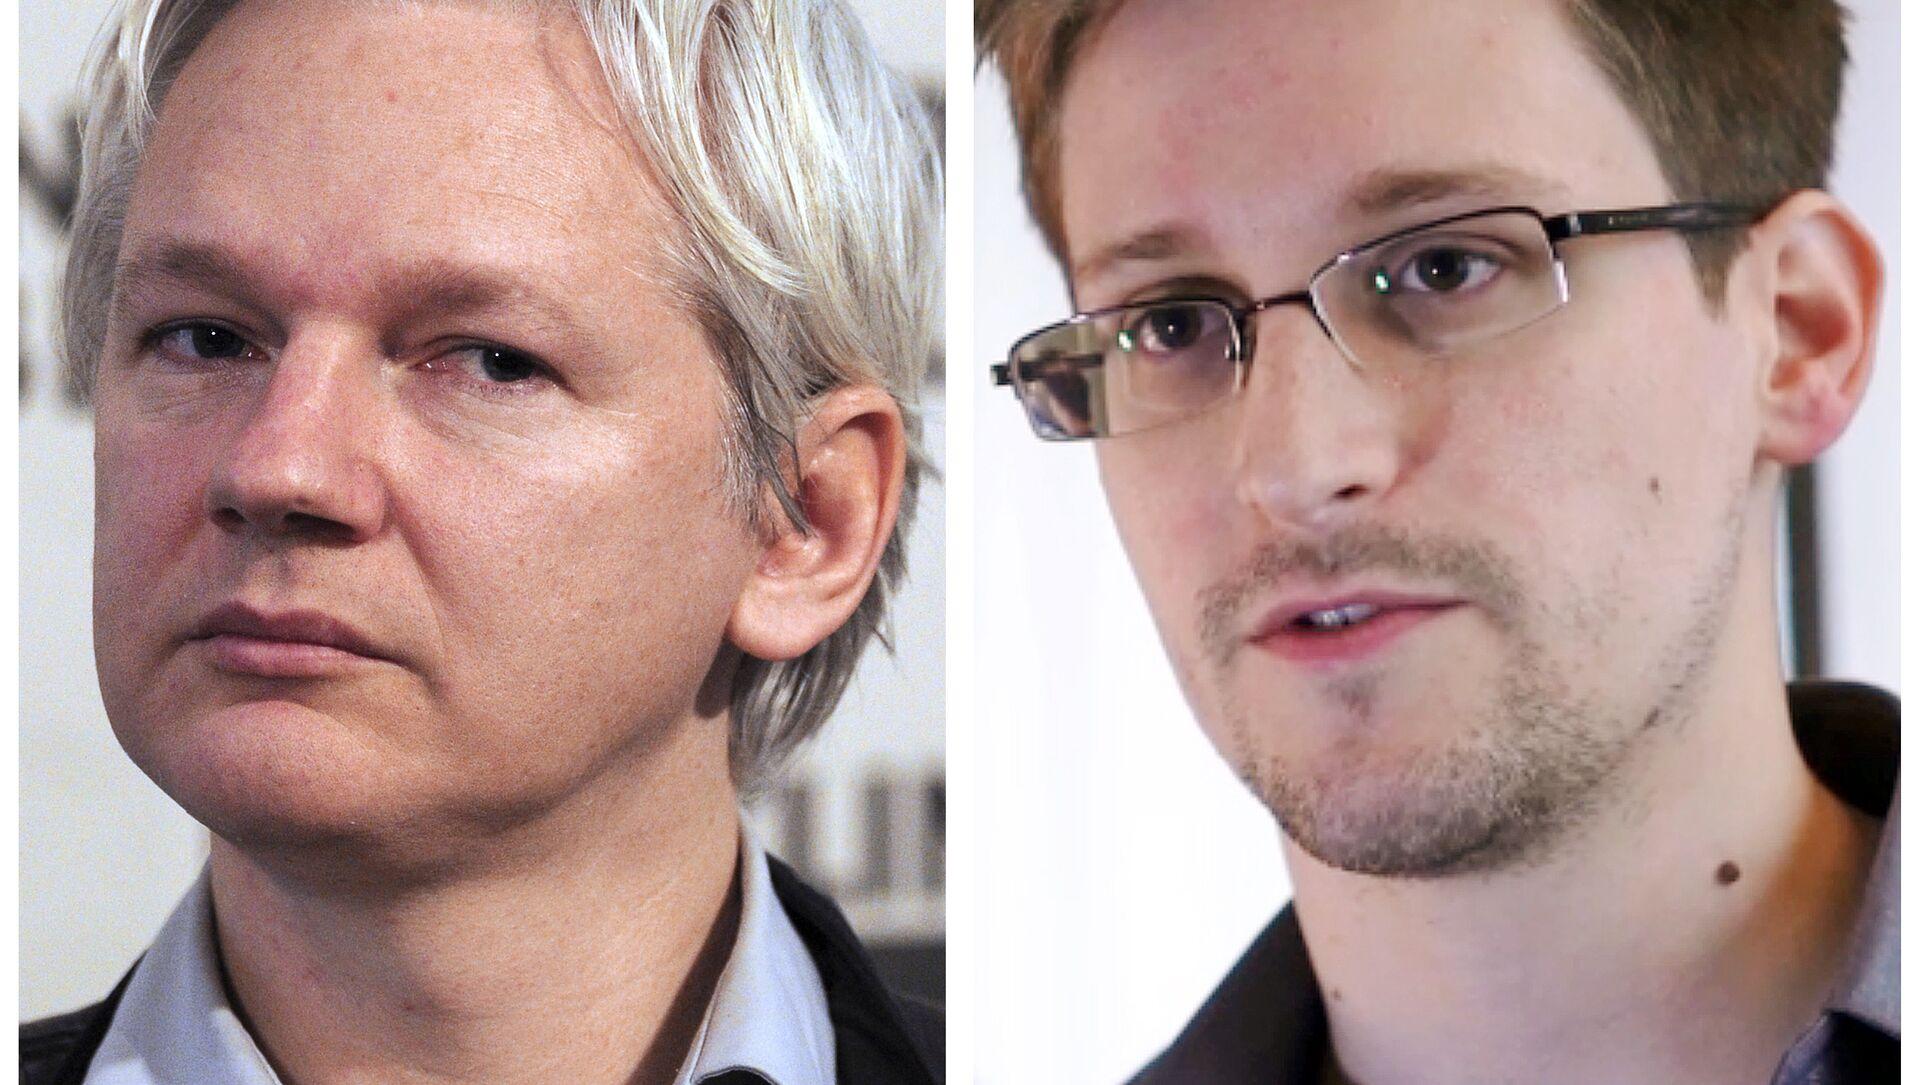 Julian Assange, fundador de WikiLeaks, y Edward Snowden, exempleado de la NSA - Sputnik Mundo, 1920, 02.10.2020